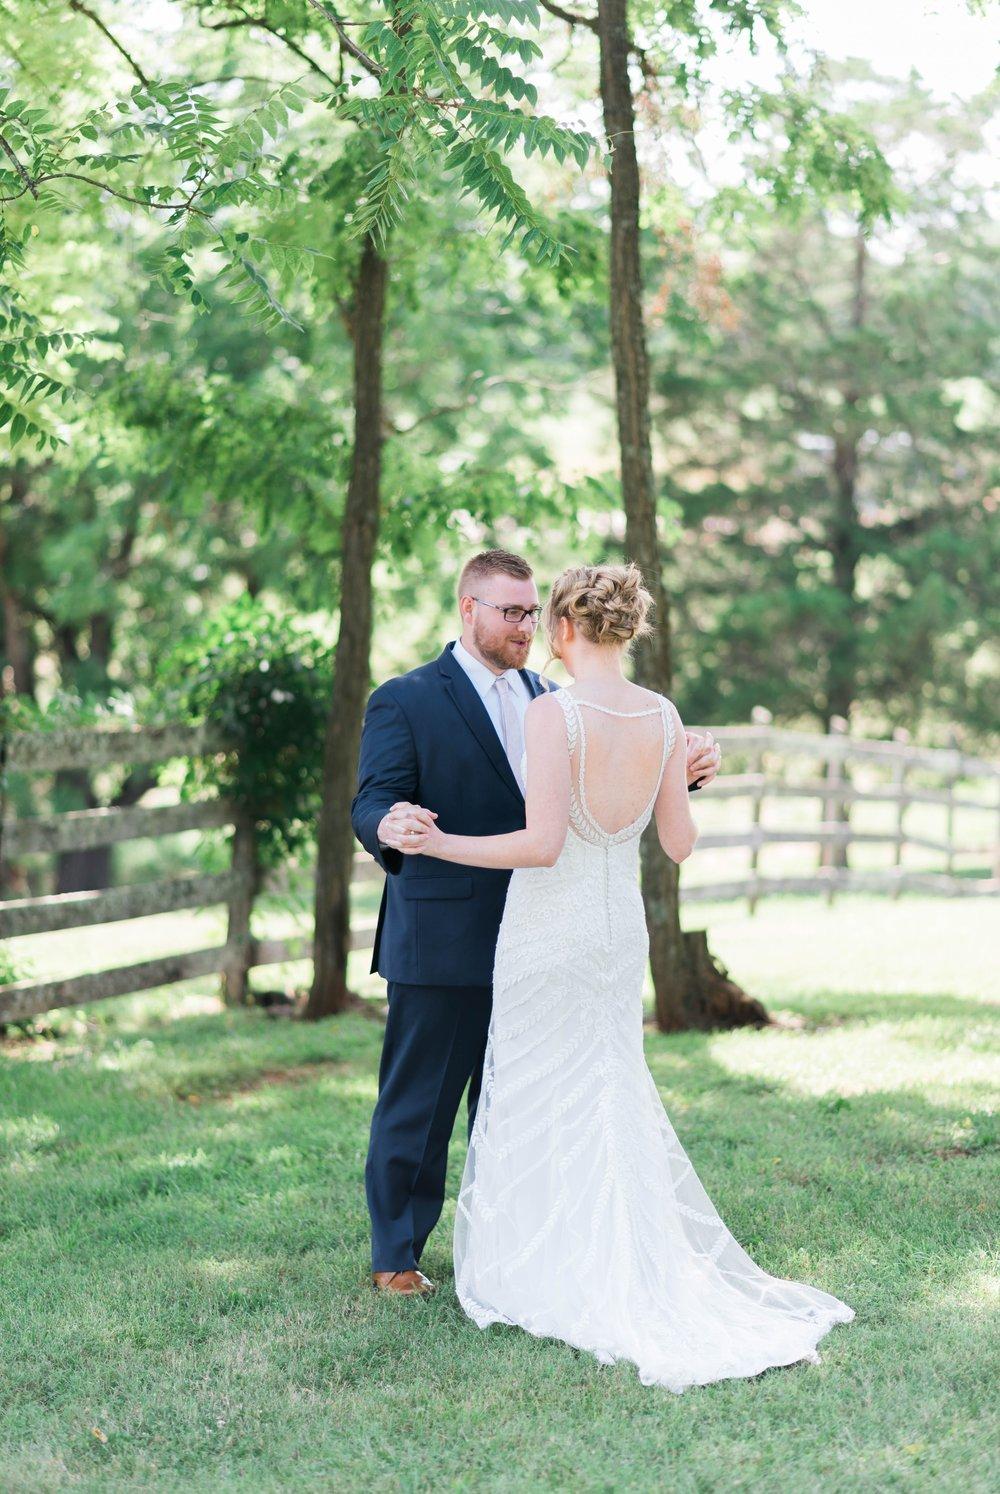 SorellaFarms_VirginiaWeddingPhotographer_BarnWedding_Lynchburgweddingphotographer_DanielleTyler 28.jpg